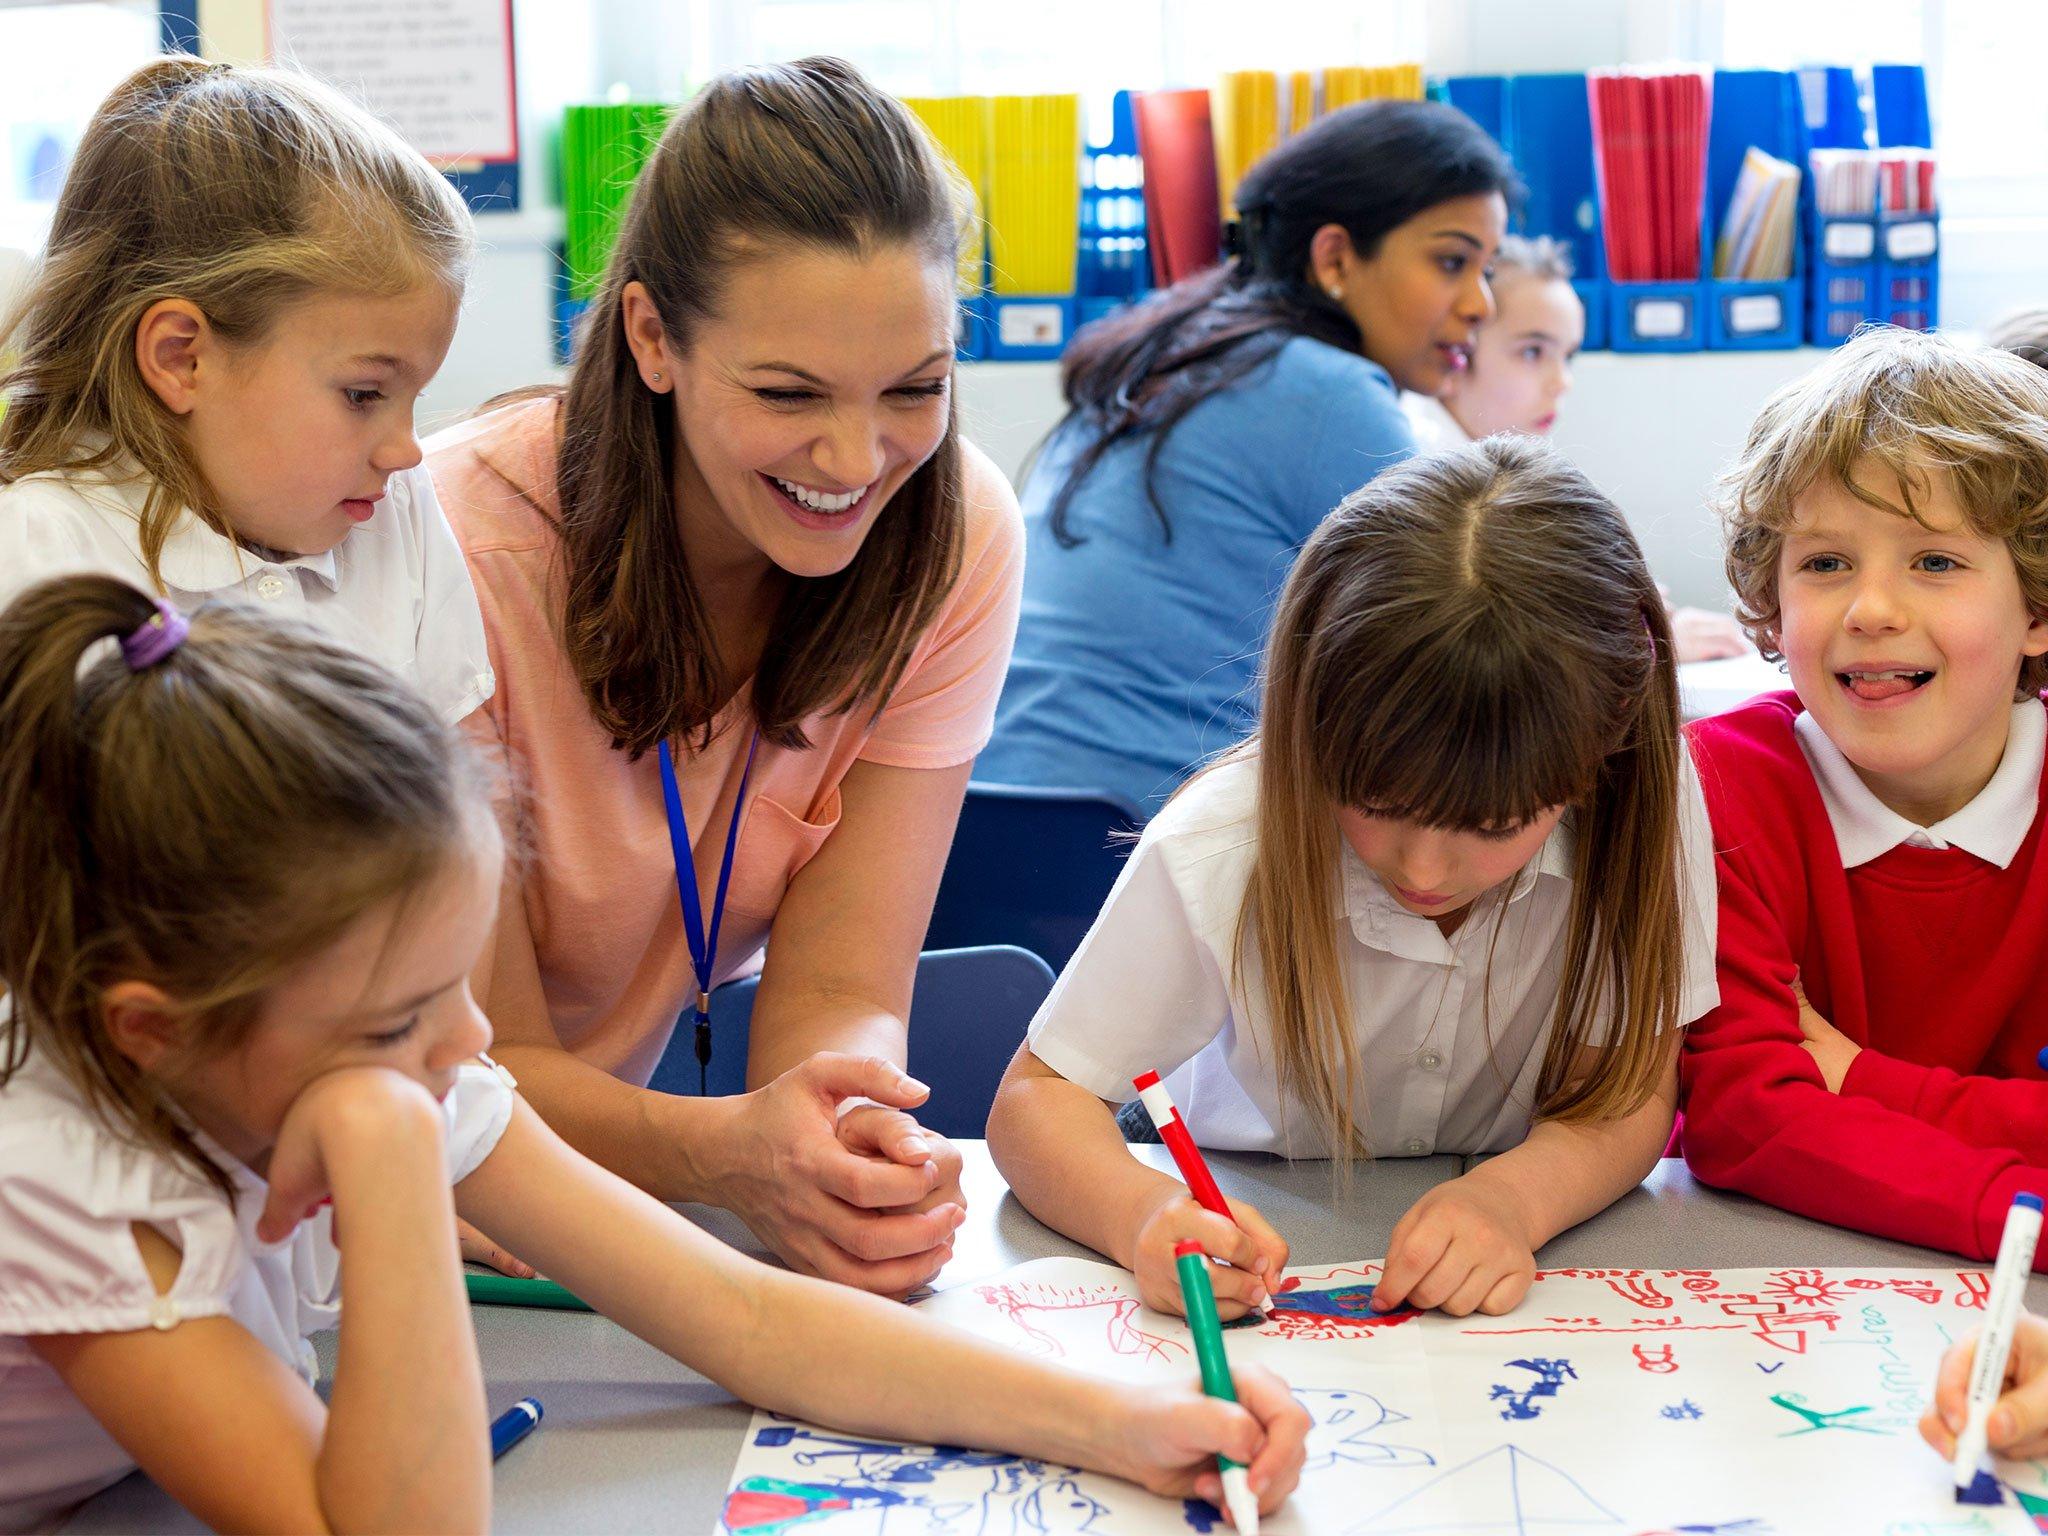 Children in a school lesson